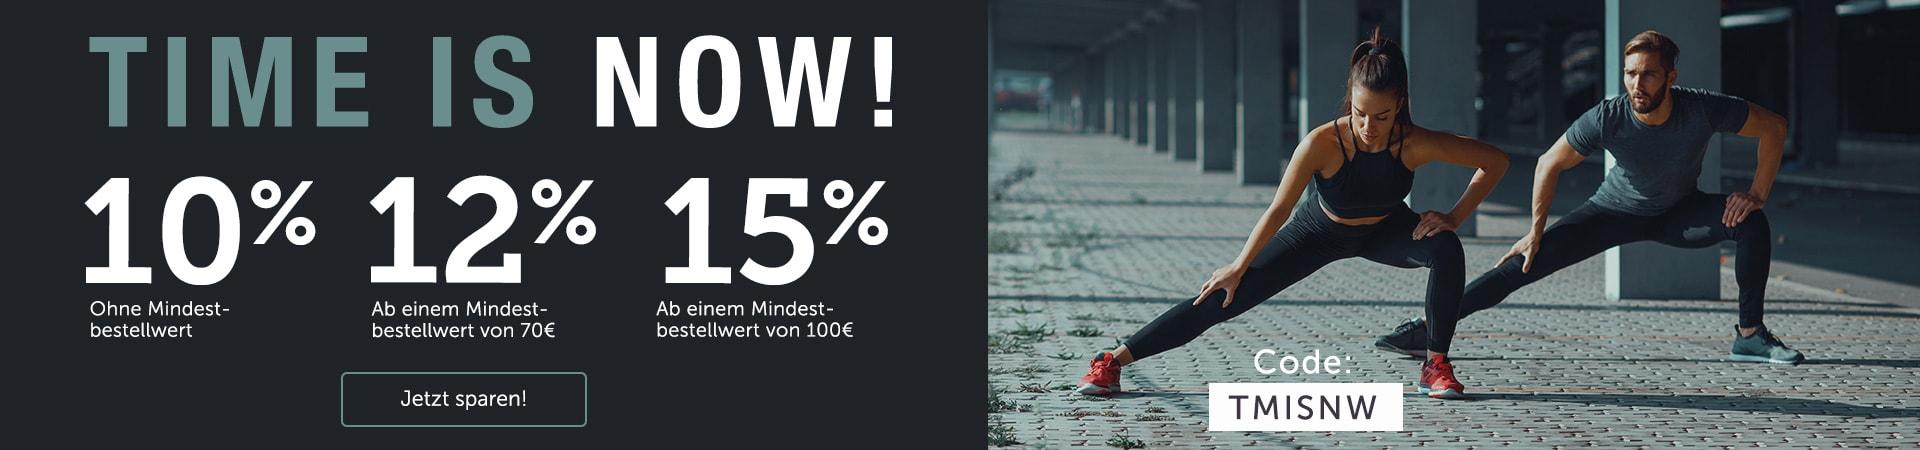 Es wird nicht leichter, DU wirst besser! Sichere dir jetzt bis zu 15% Motivationsrabatt!